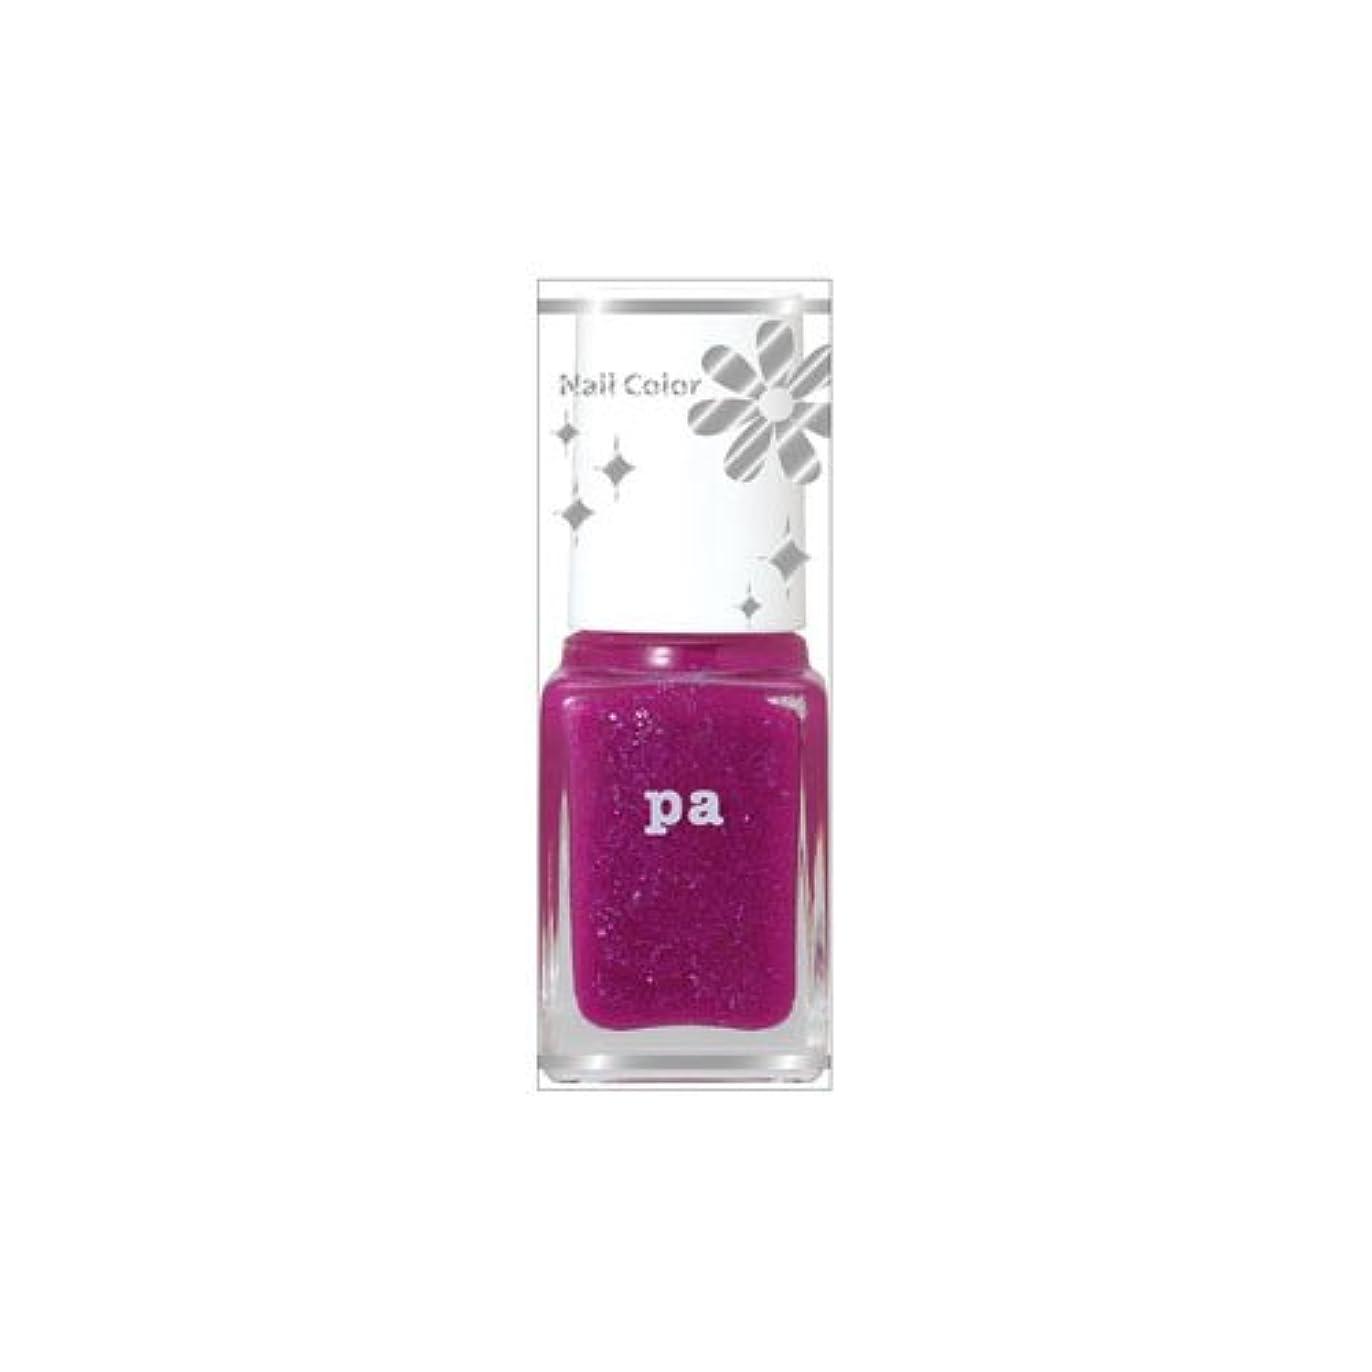 セッティング滴下引数pa ネイルカラープレミア AA202 (6mL)